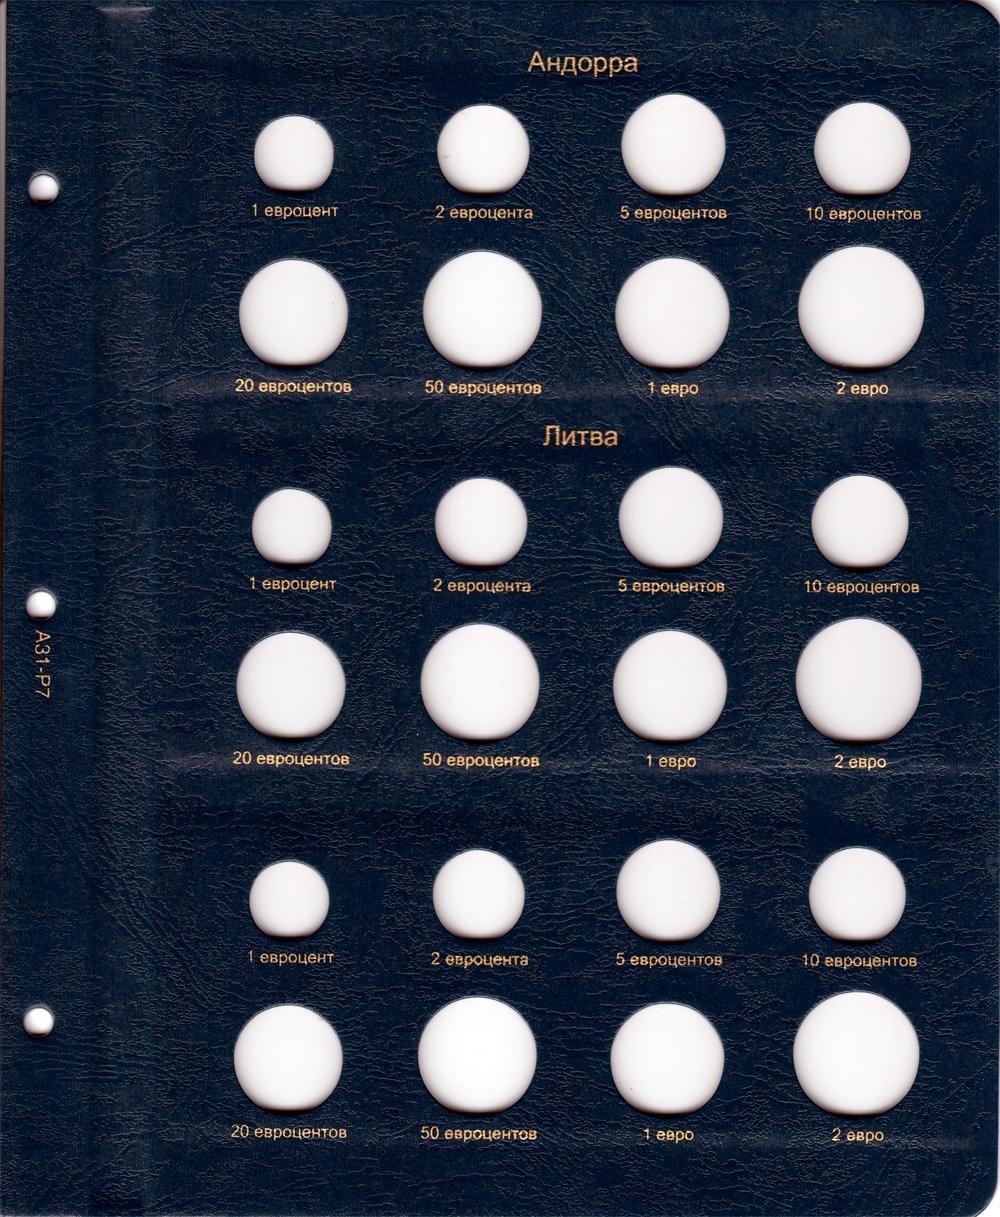 Альбом для монет стран Евросоюза регулярного чекана (без разновидностей) - 7